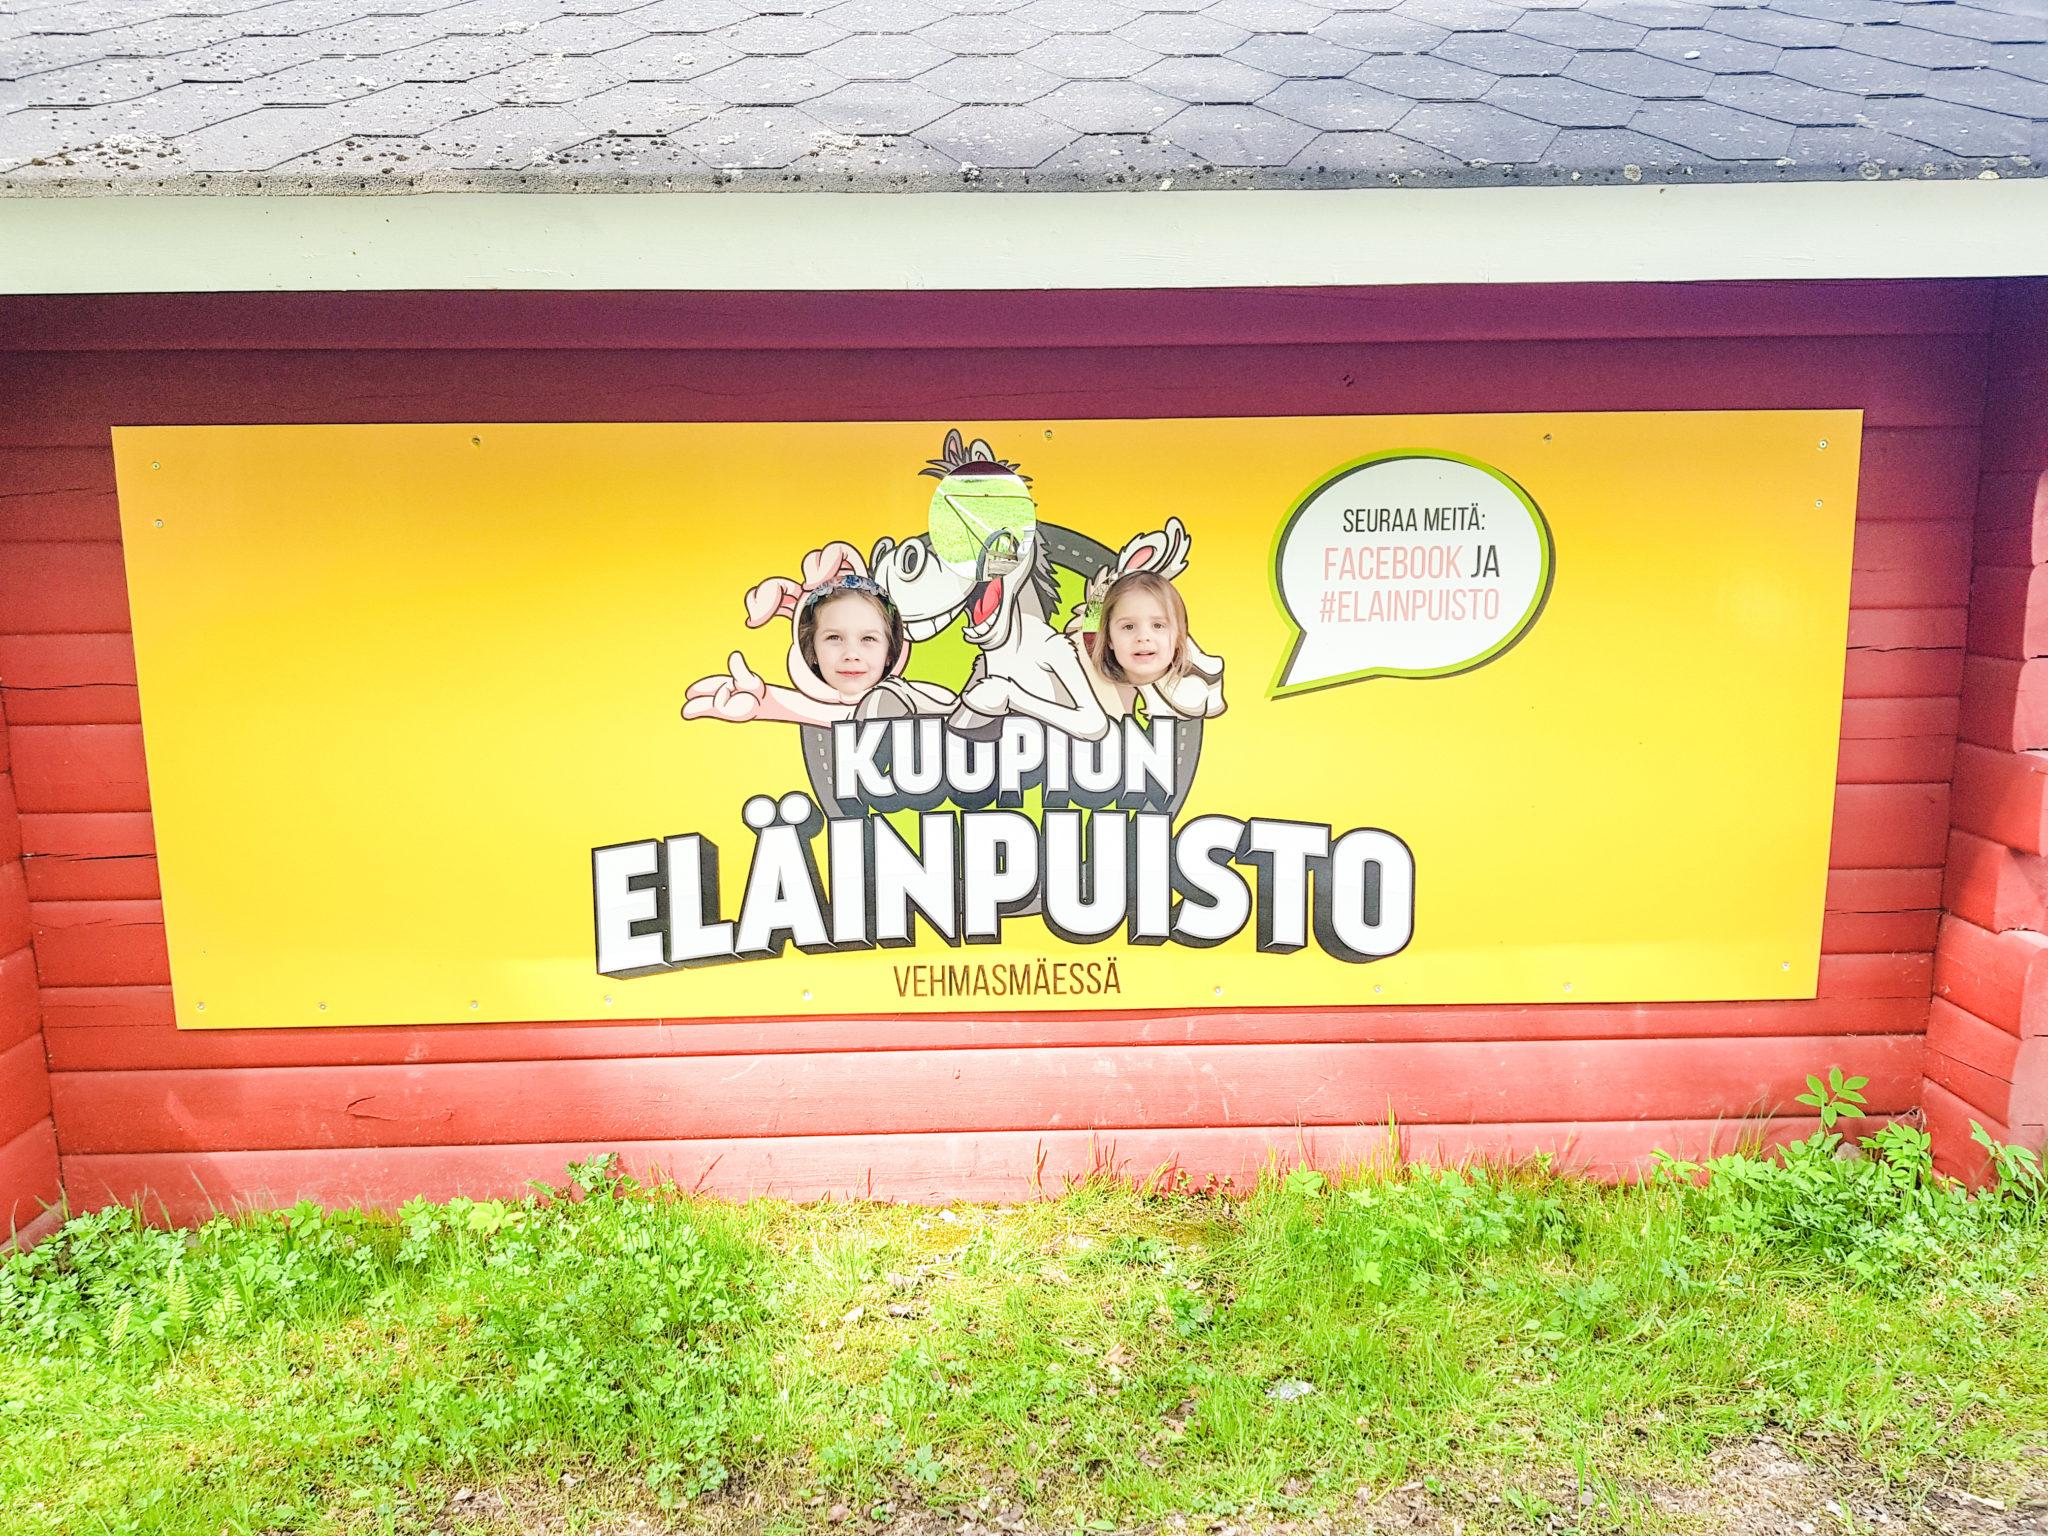 Kuopion eläinpuistossa